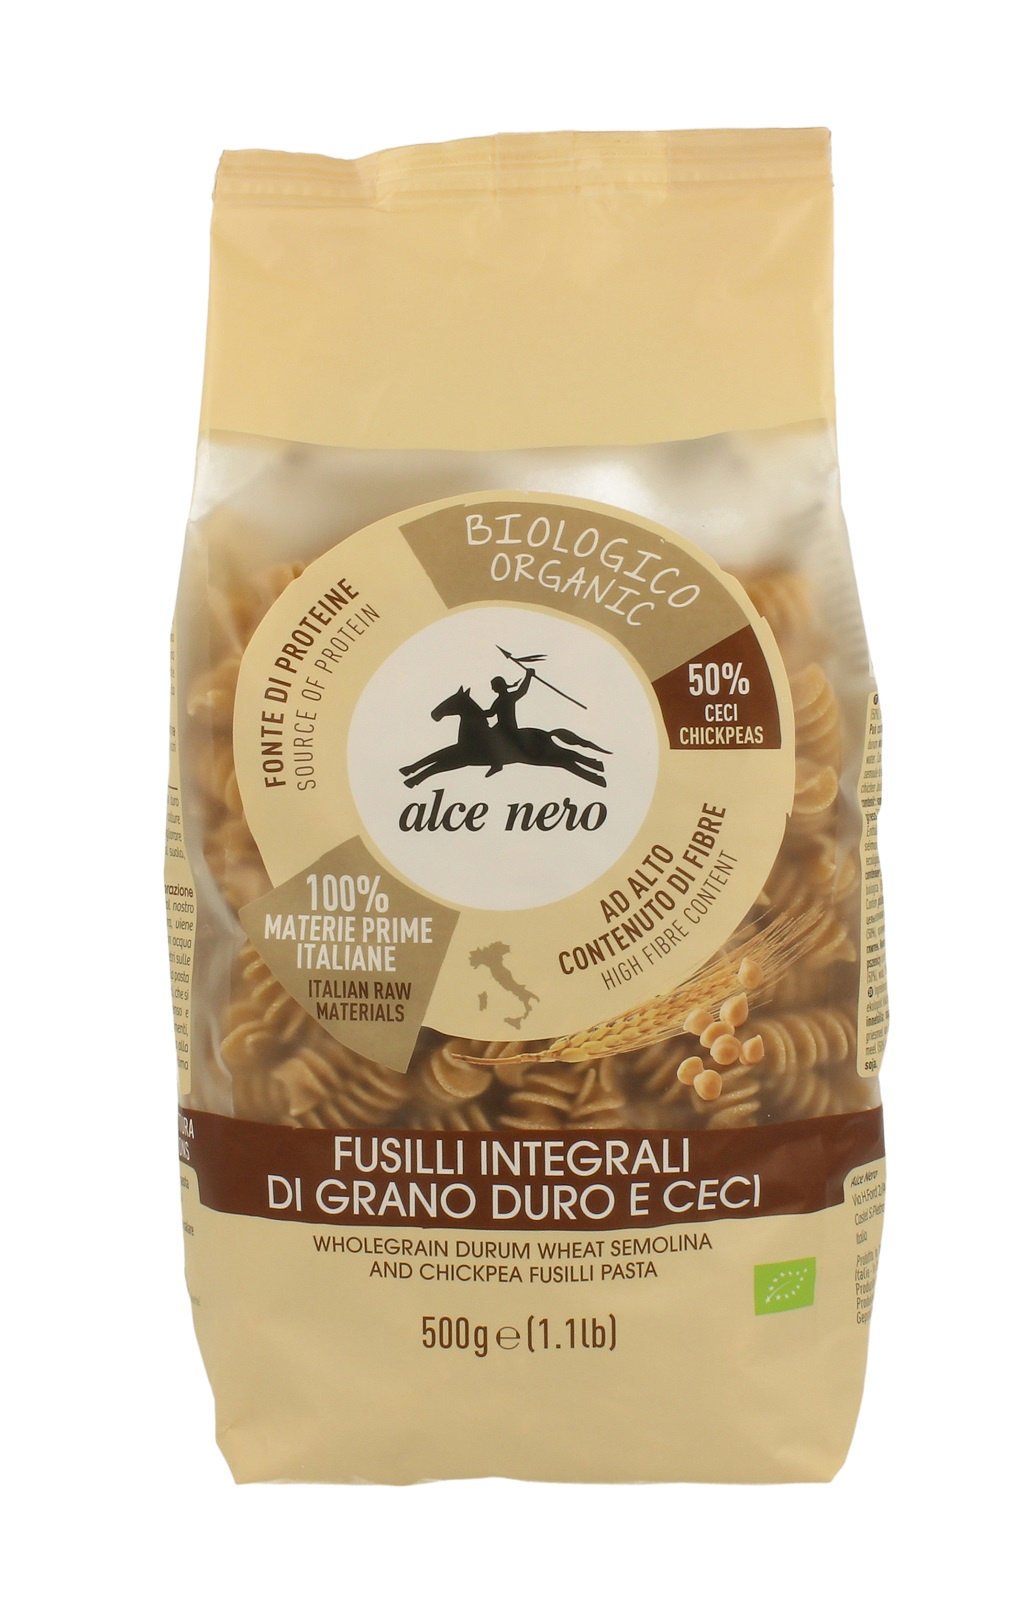 Alce Nero БИО Макаронные изделия ФУЗИЛЛИ из цельной пшеницы и нута, полимерный пакет 500 г